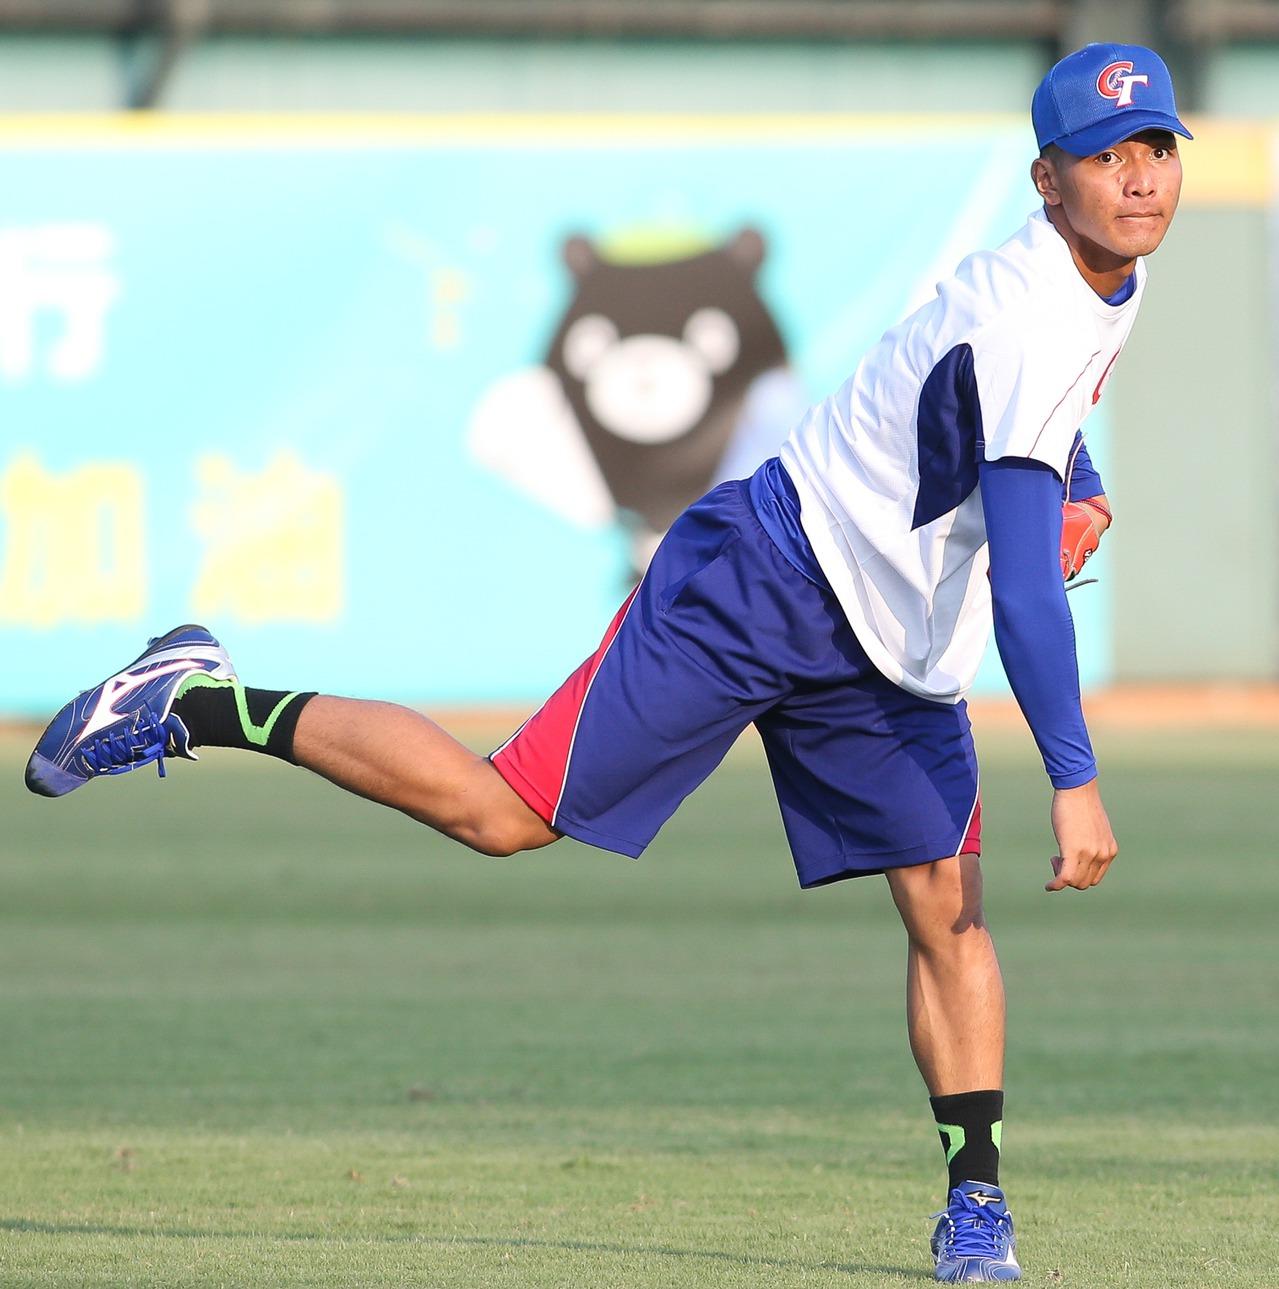 12強中華隊開訓,20歲投手劉致榮被大批媒體包圍,成為最大焦點。 聯合報系資料照